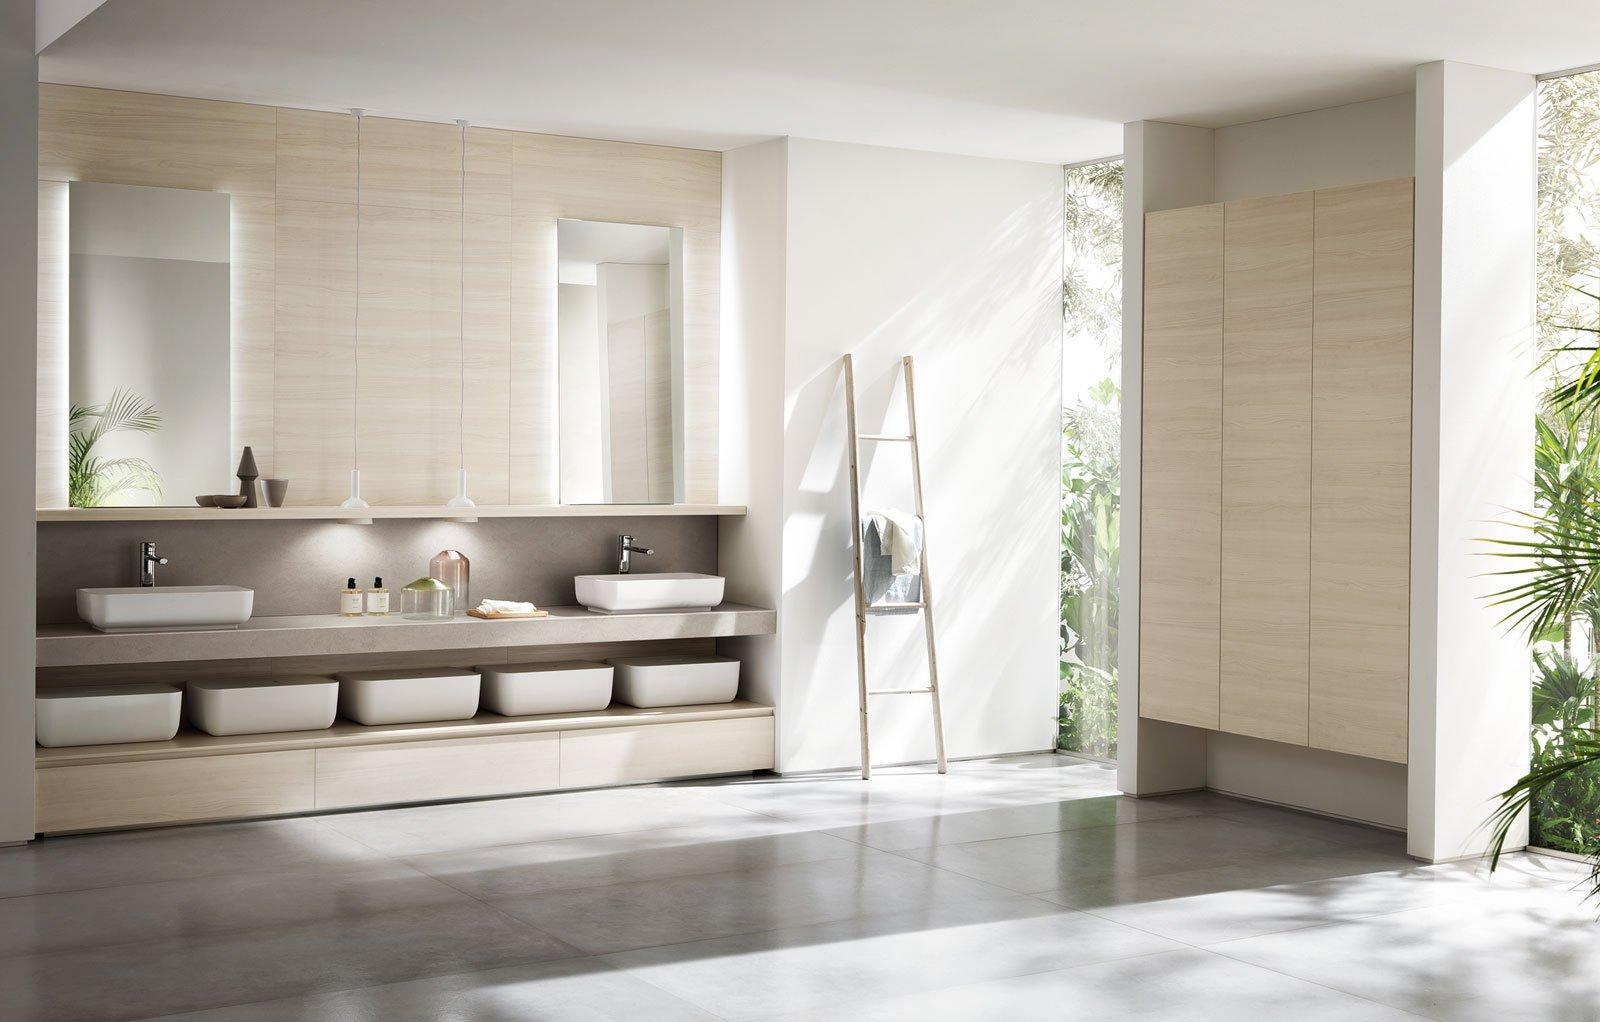 Scelte di stile per il bagno ispirazione zen per assicurarsi comfort cose di casa - Arredo bagno zen ...